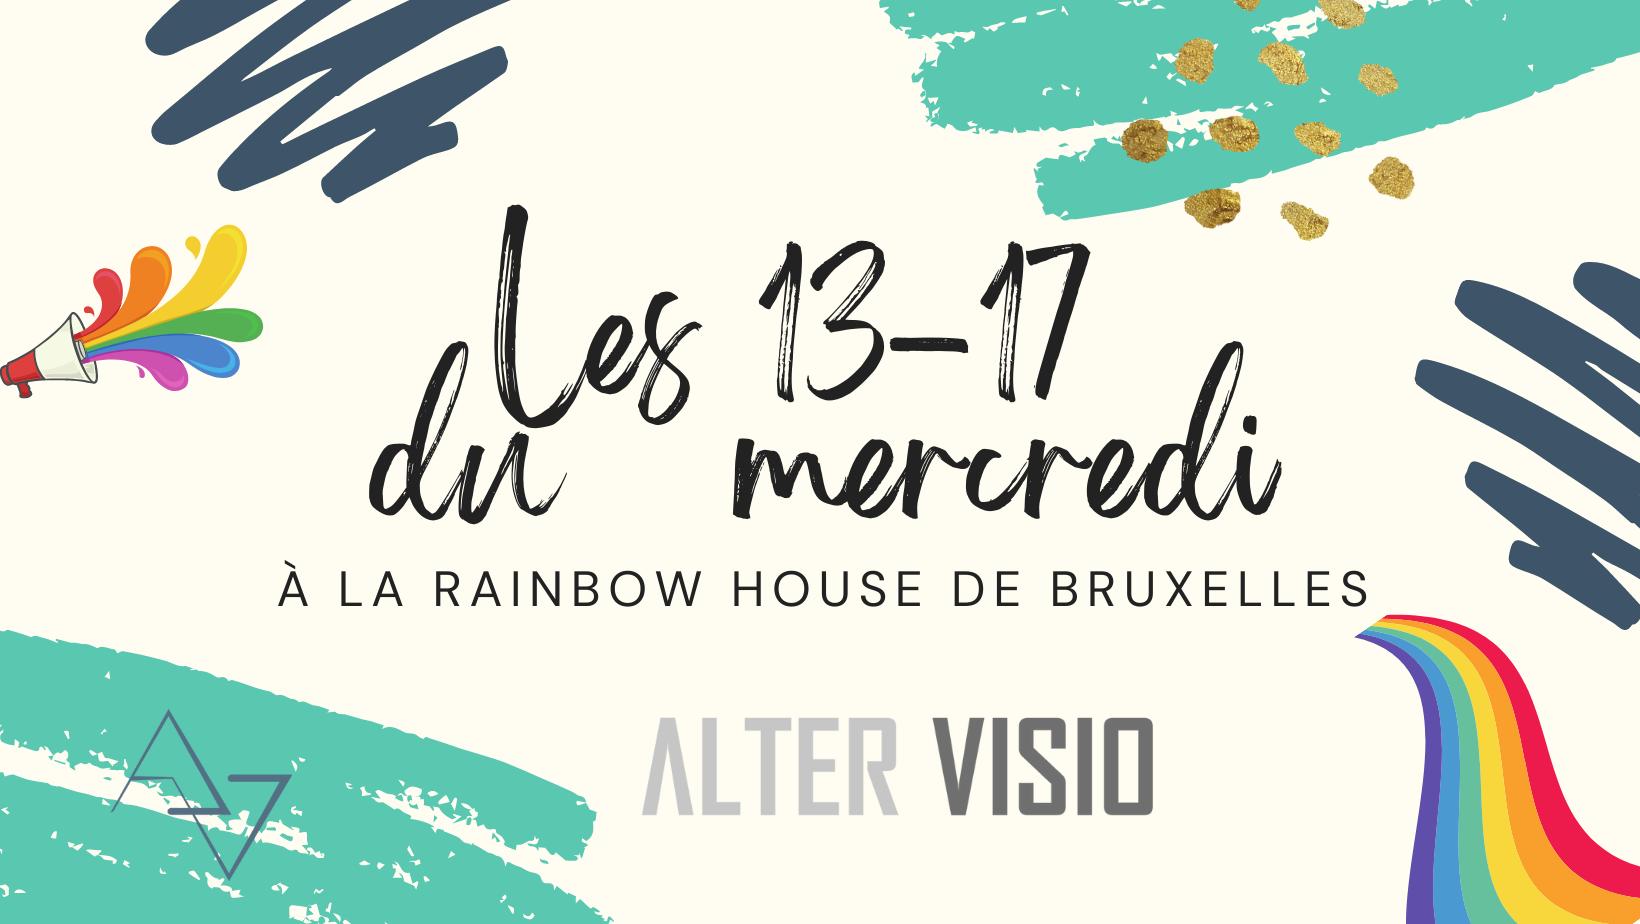 Les 13-17 du mercredi, un lieu pour les jeunes LGBTQIA+ et leurs ami.es à Bruxelles.